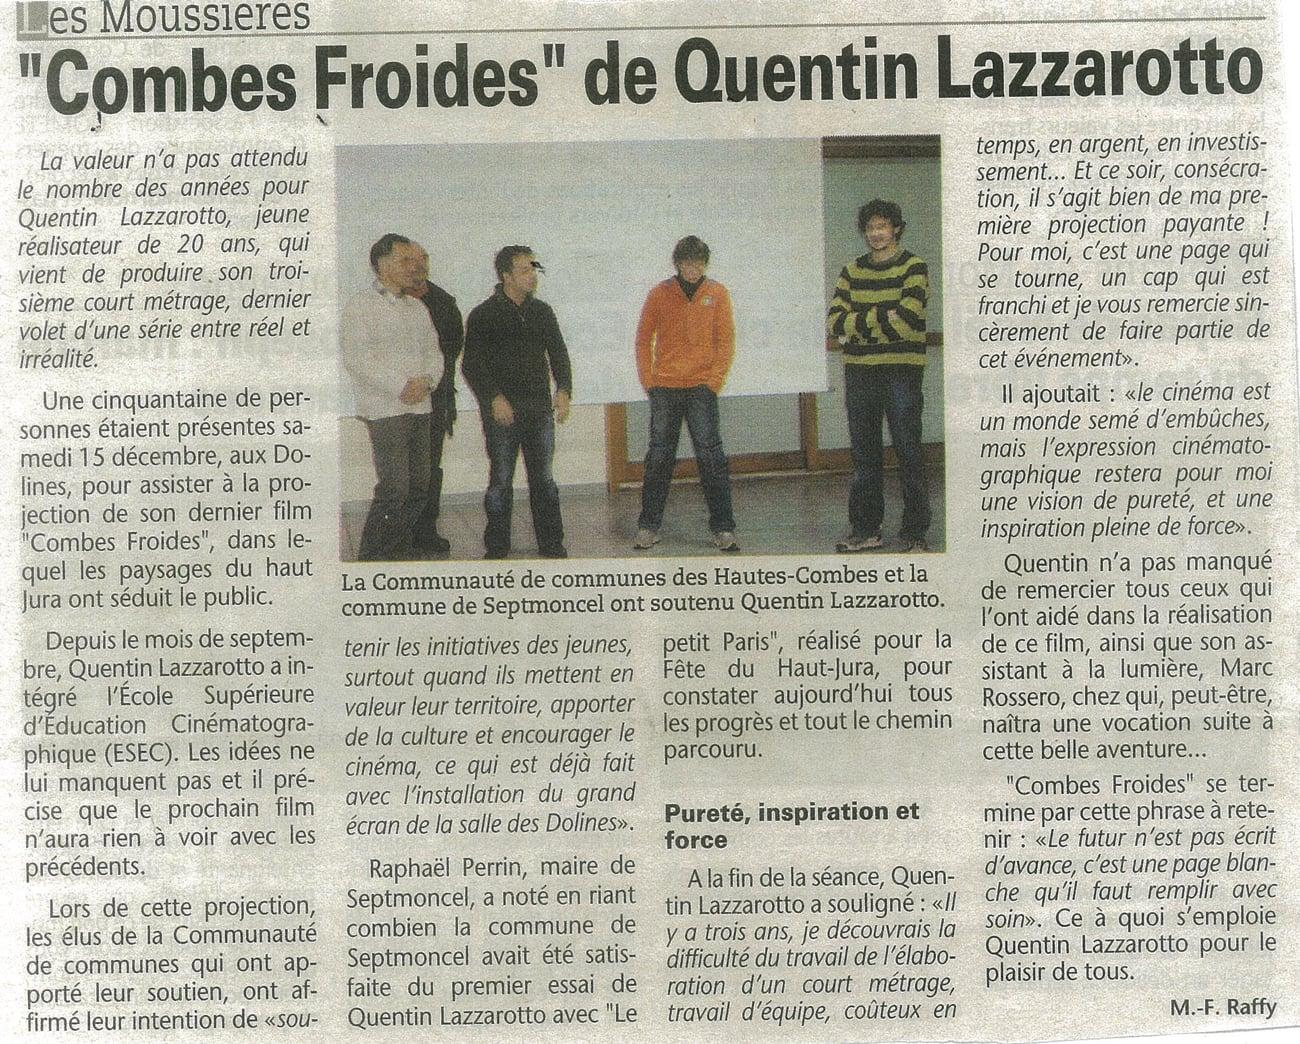 Combes Froides de Quentin Lazzarotto